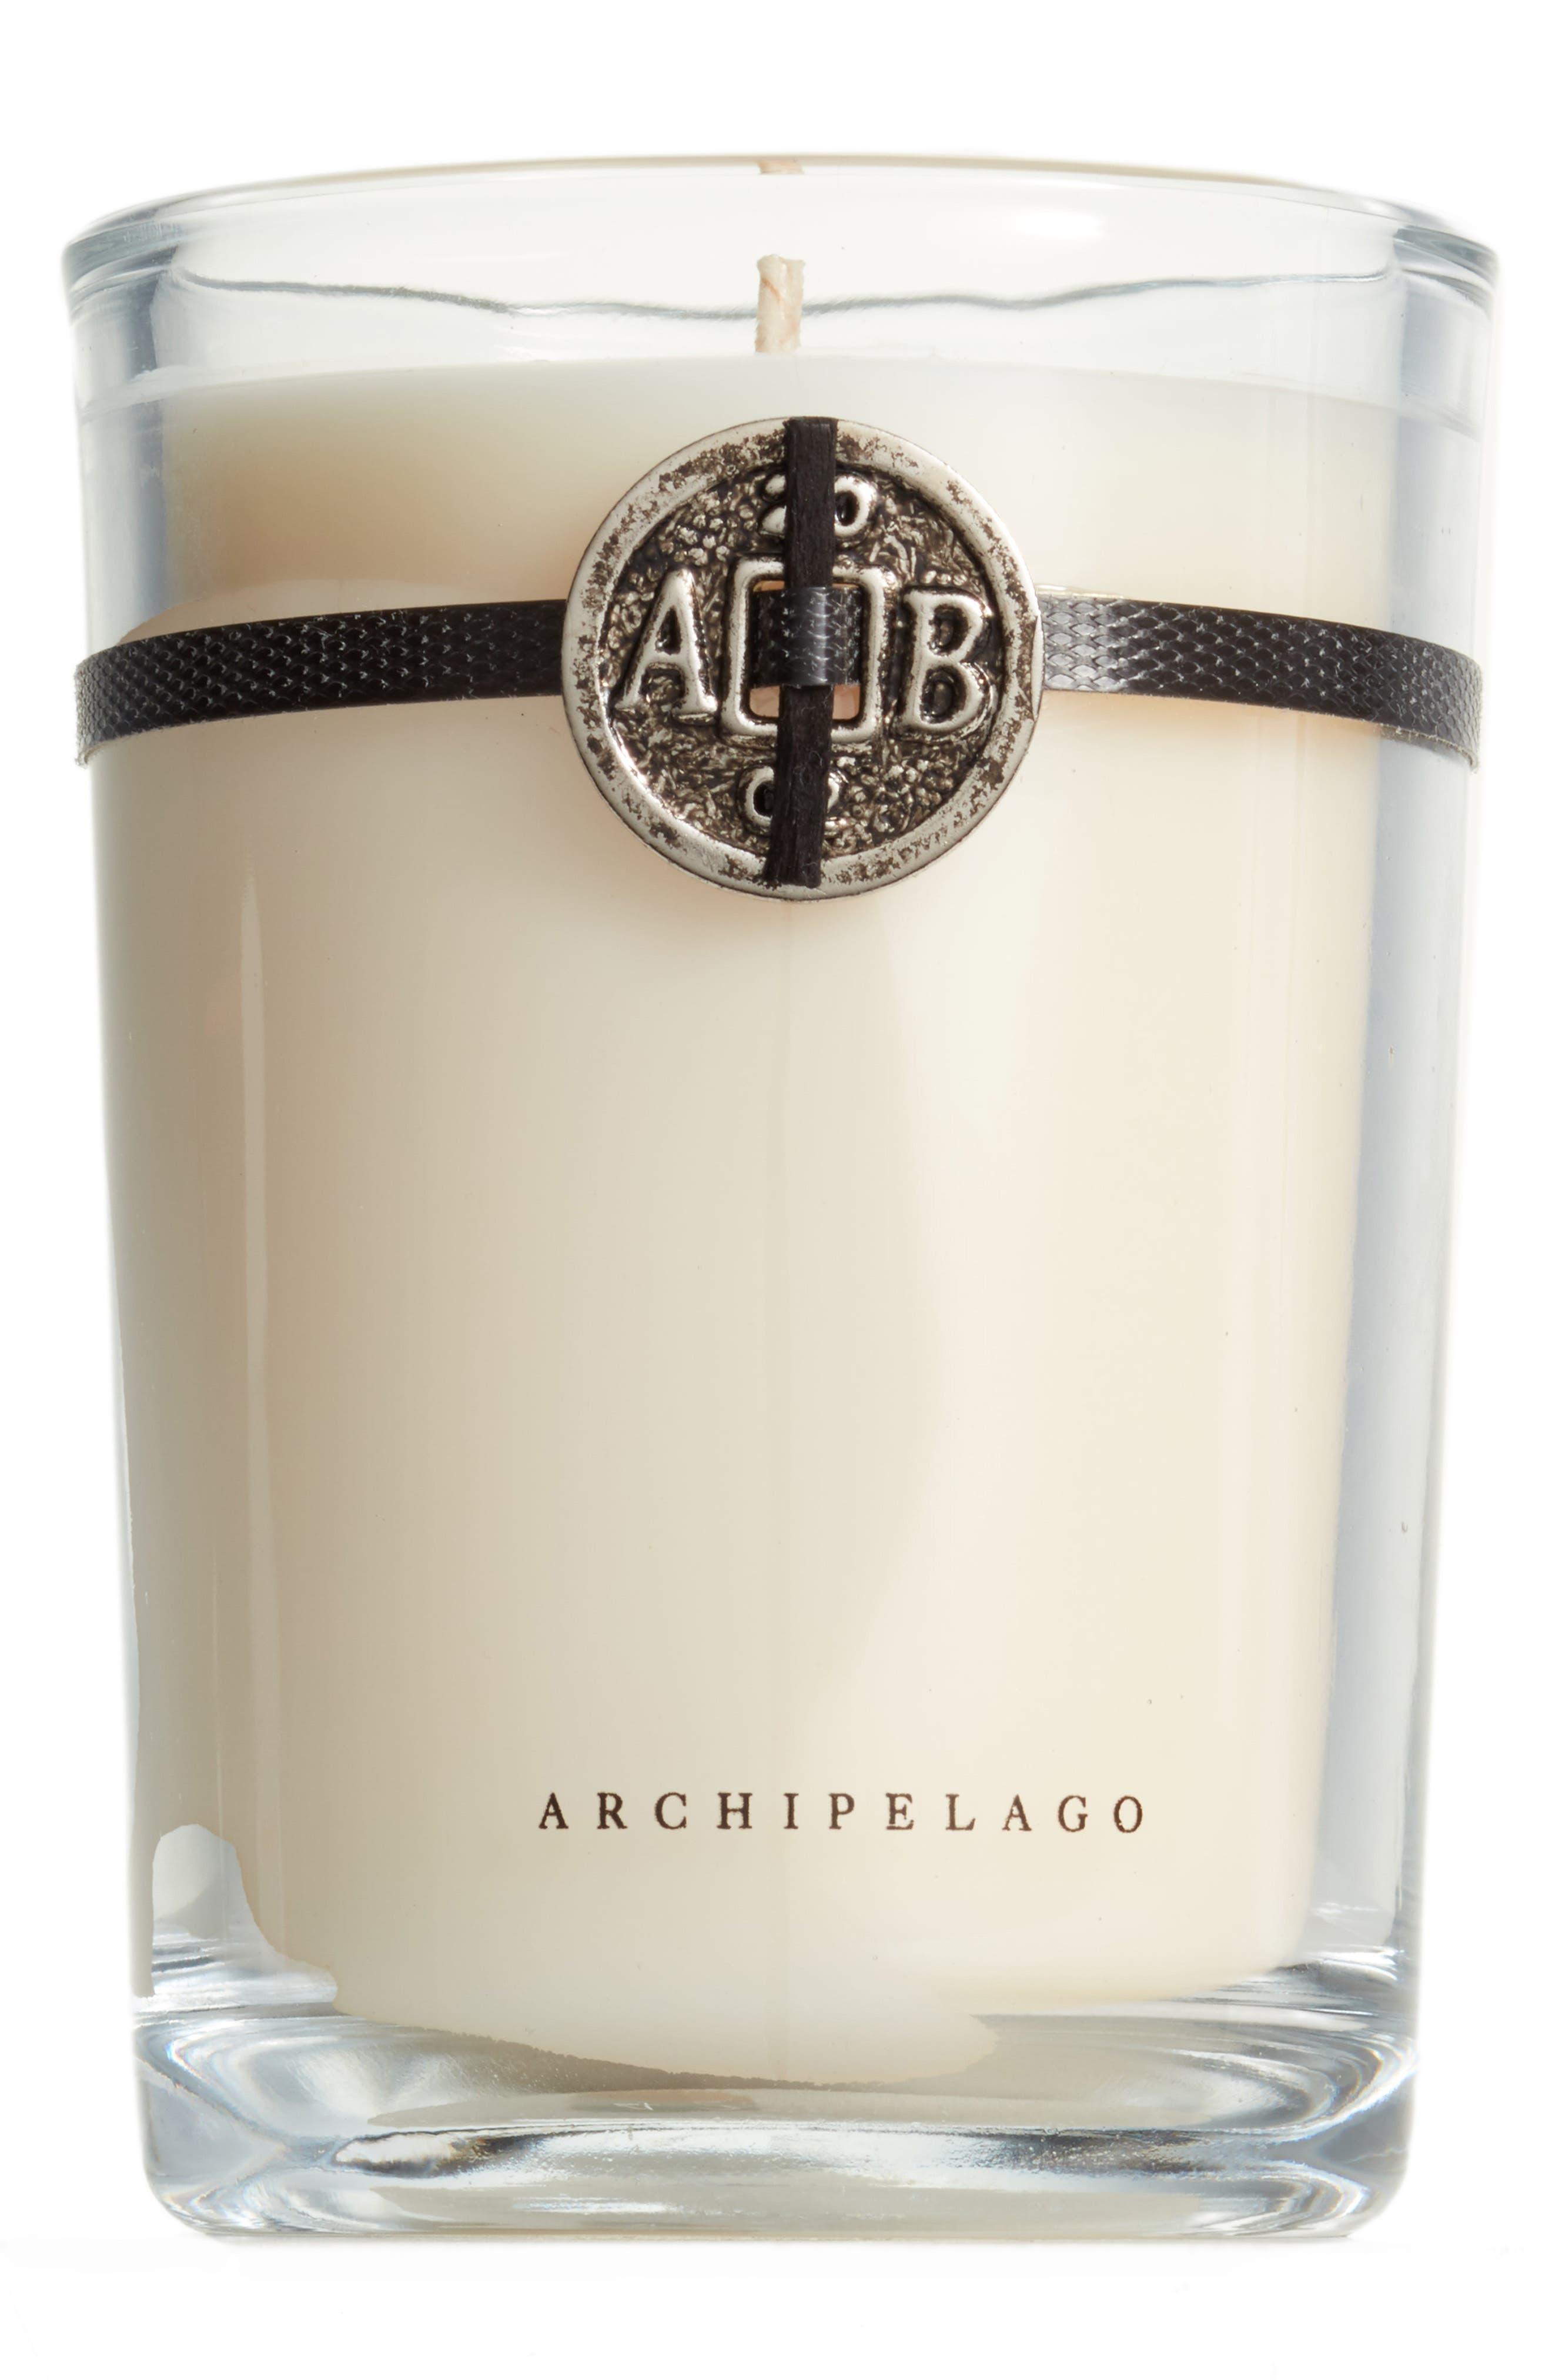 Alternate Image 1 Selected - Archipelago Botanicals Signature Soy Wax Candle